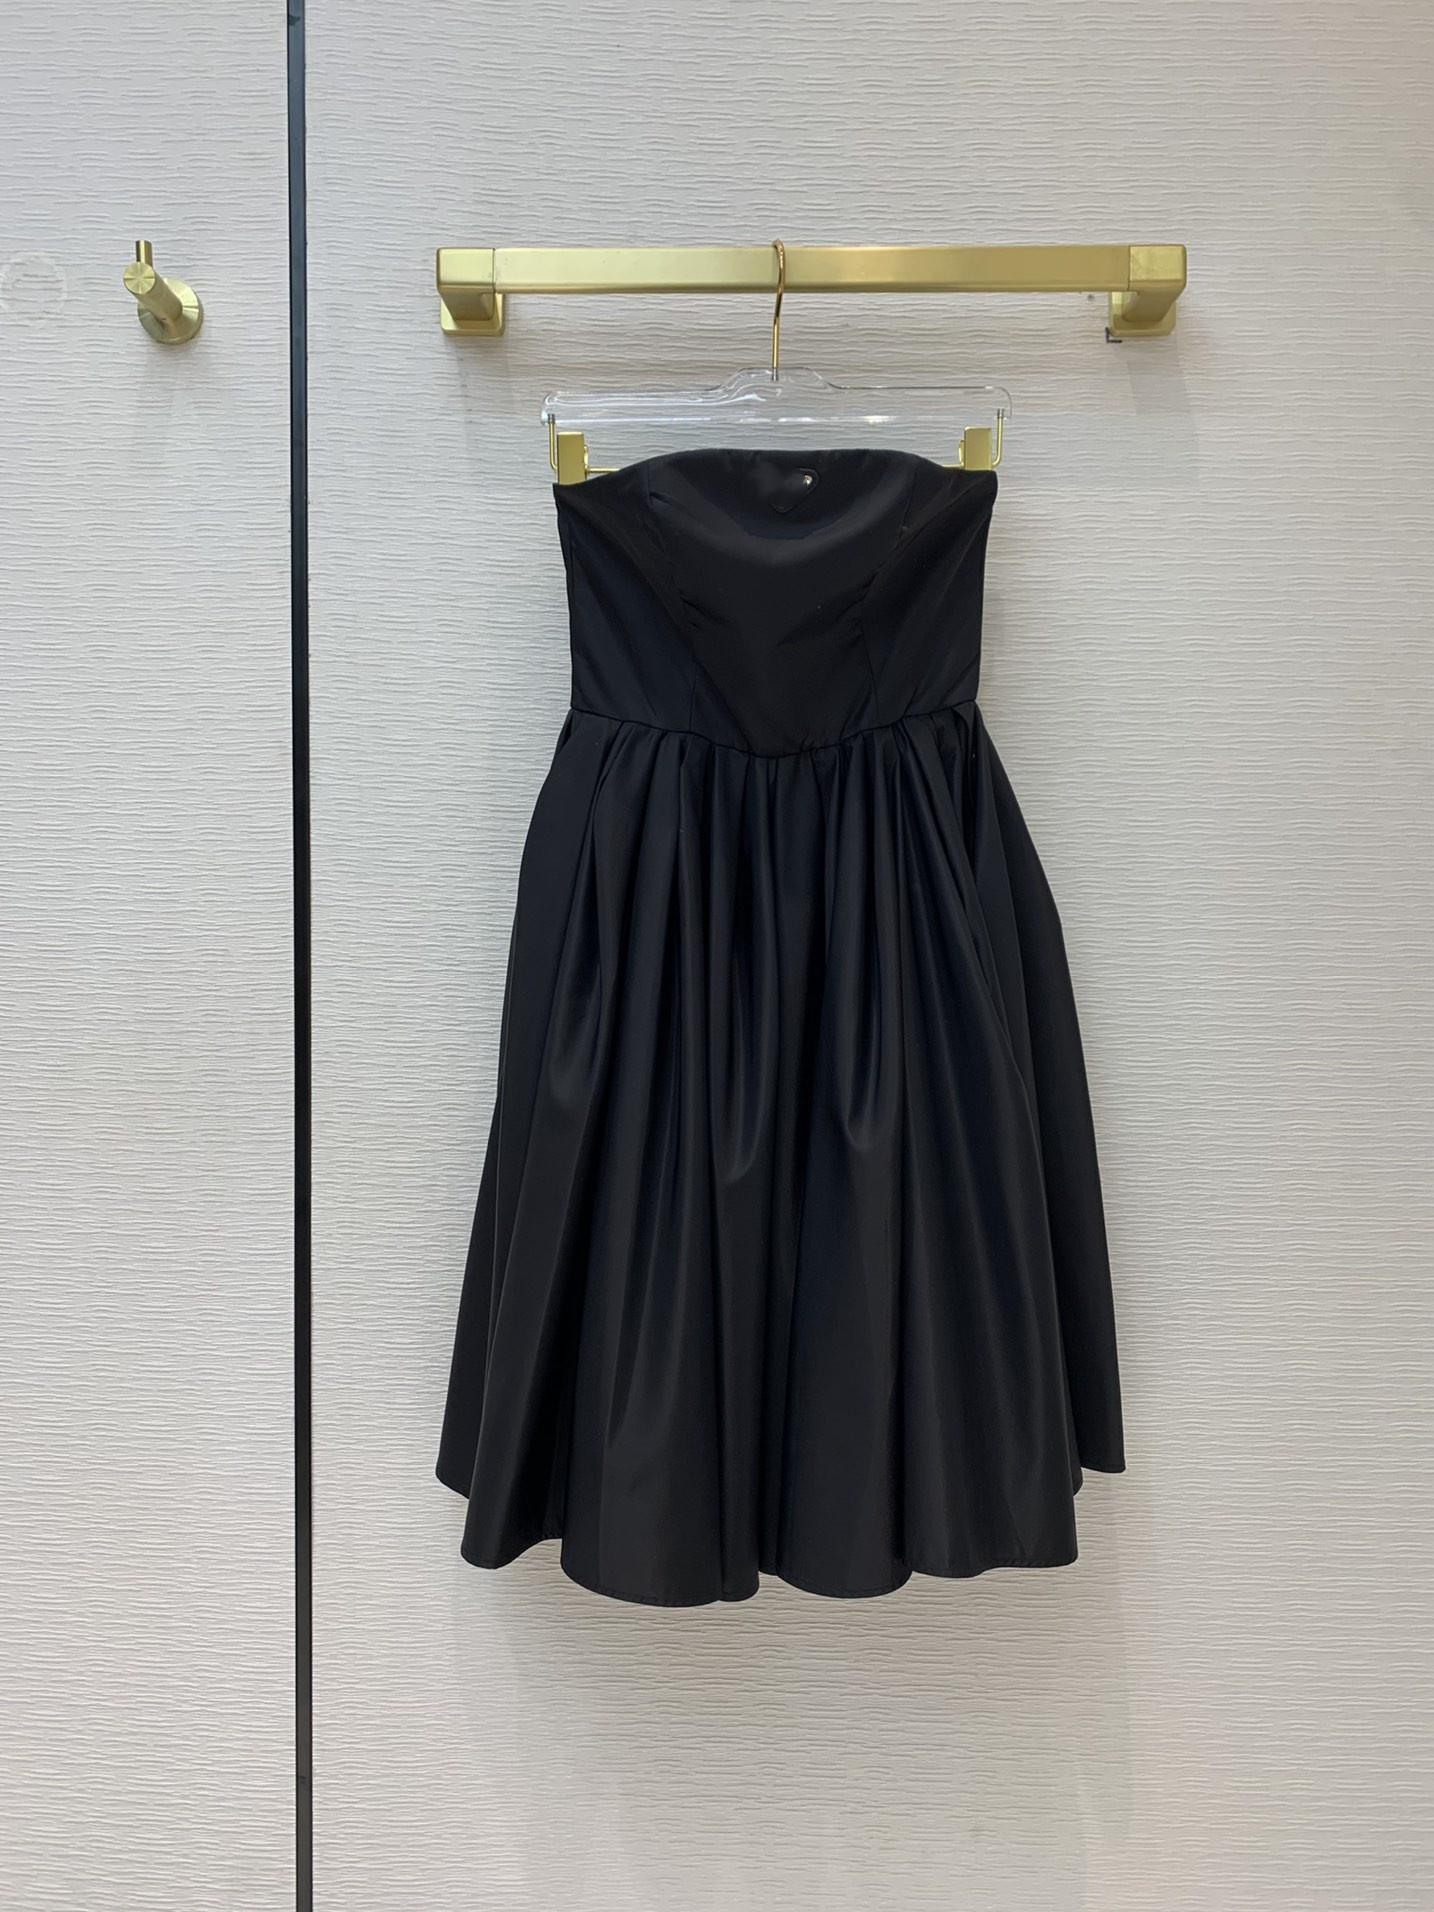 Milan pist elbiseler 2021 ilkbahar yaz straplez panelli kadın tasarımcı elbise markası aynı stil elbise 1211-6